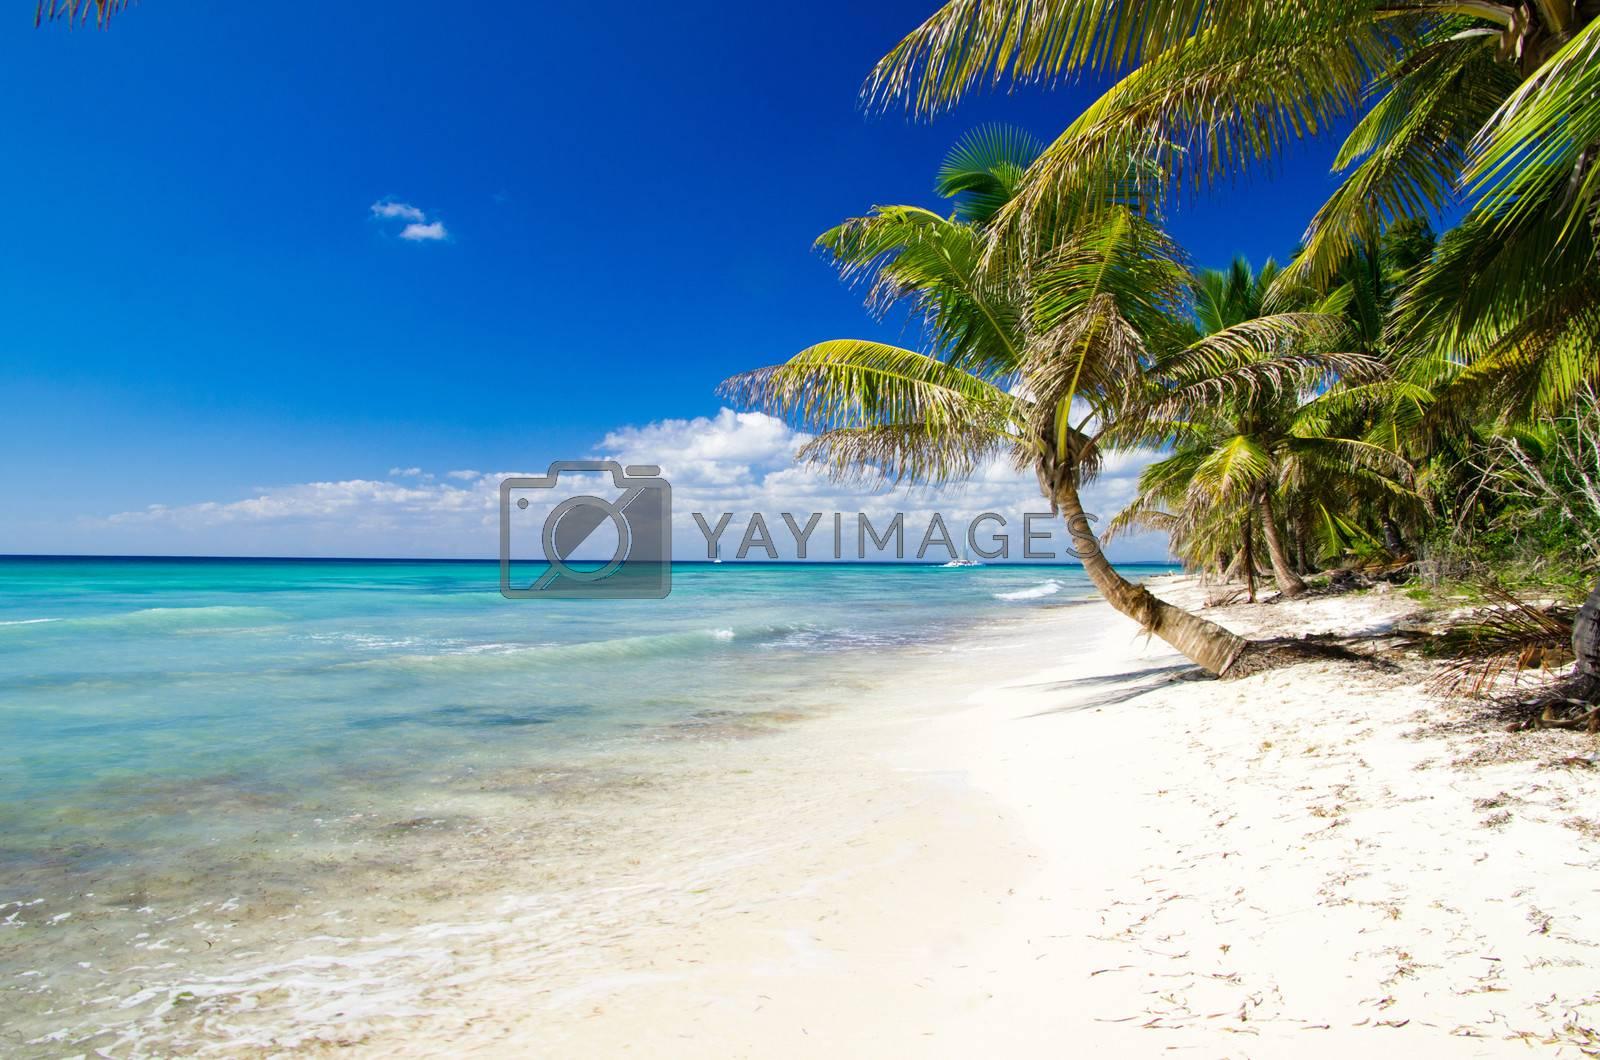 Royalty free image of tropical beach by Pakhnyushchyy